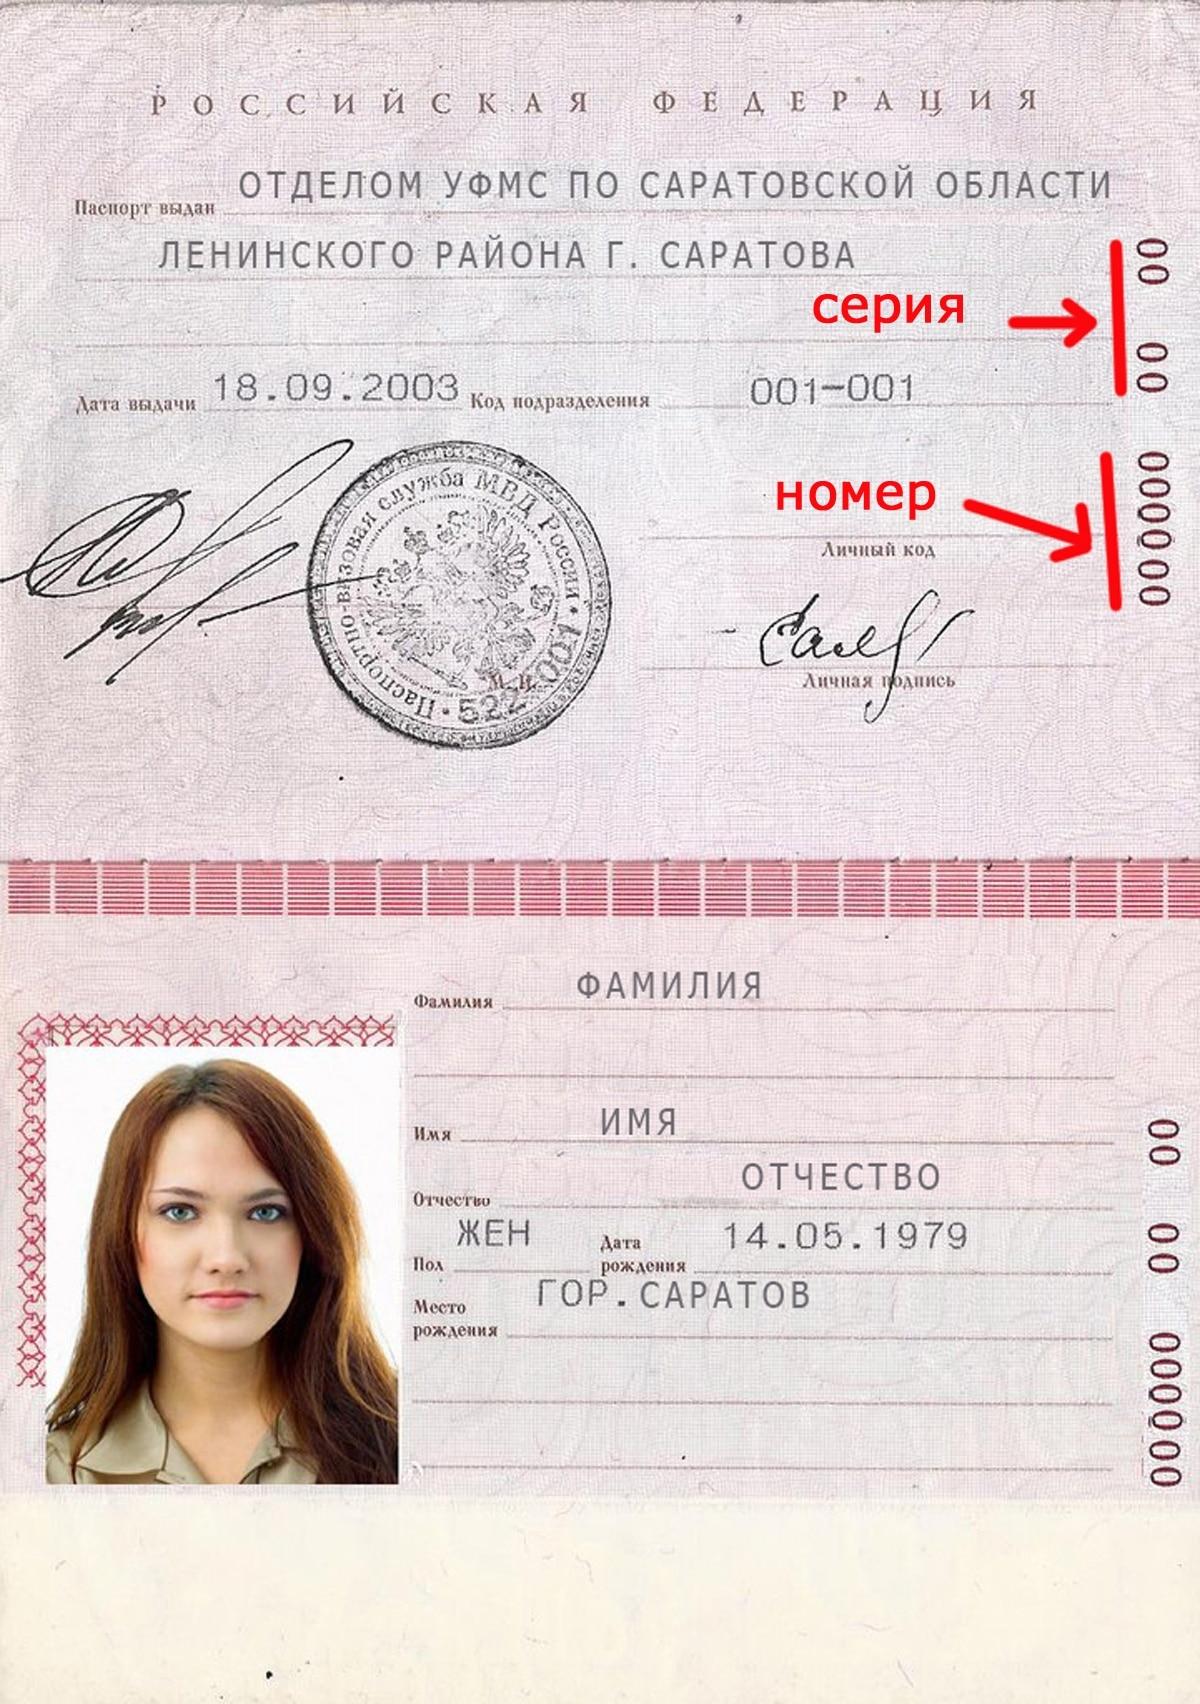 Что такое фотография разворота паспорта?